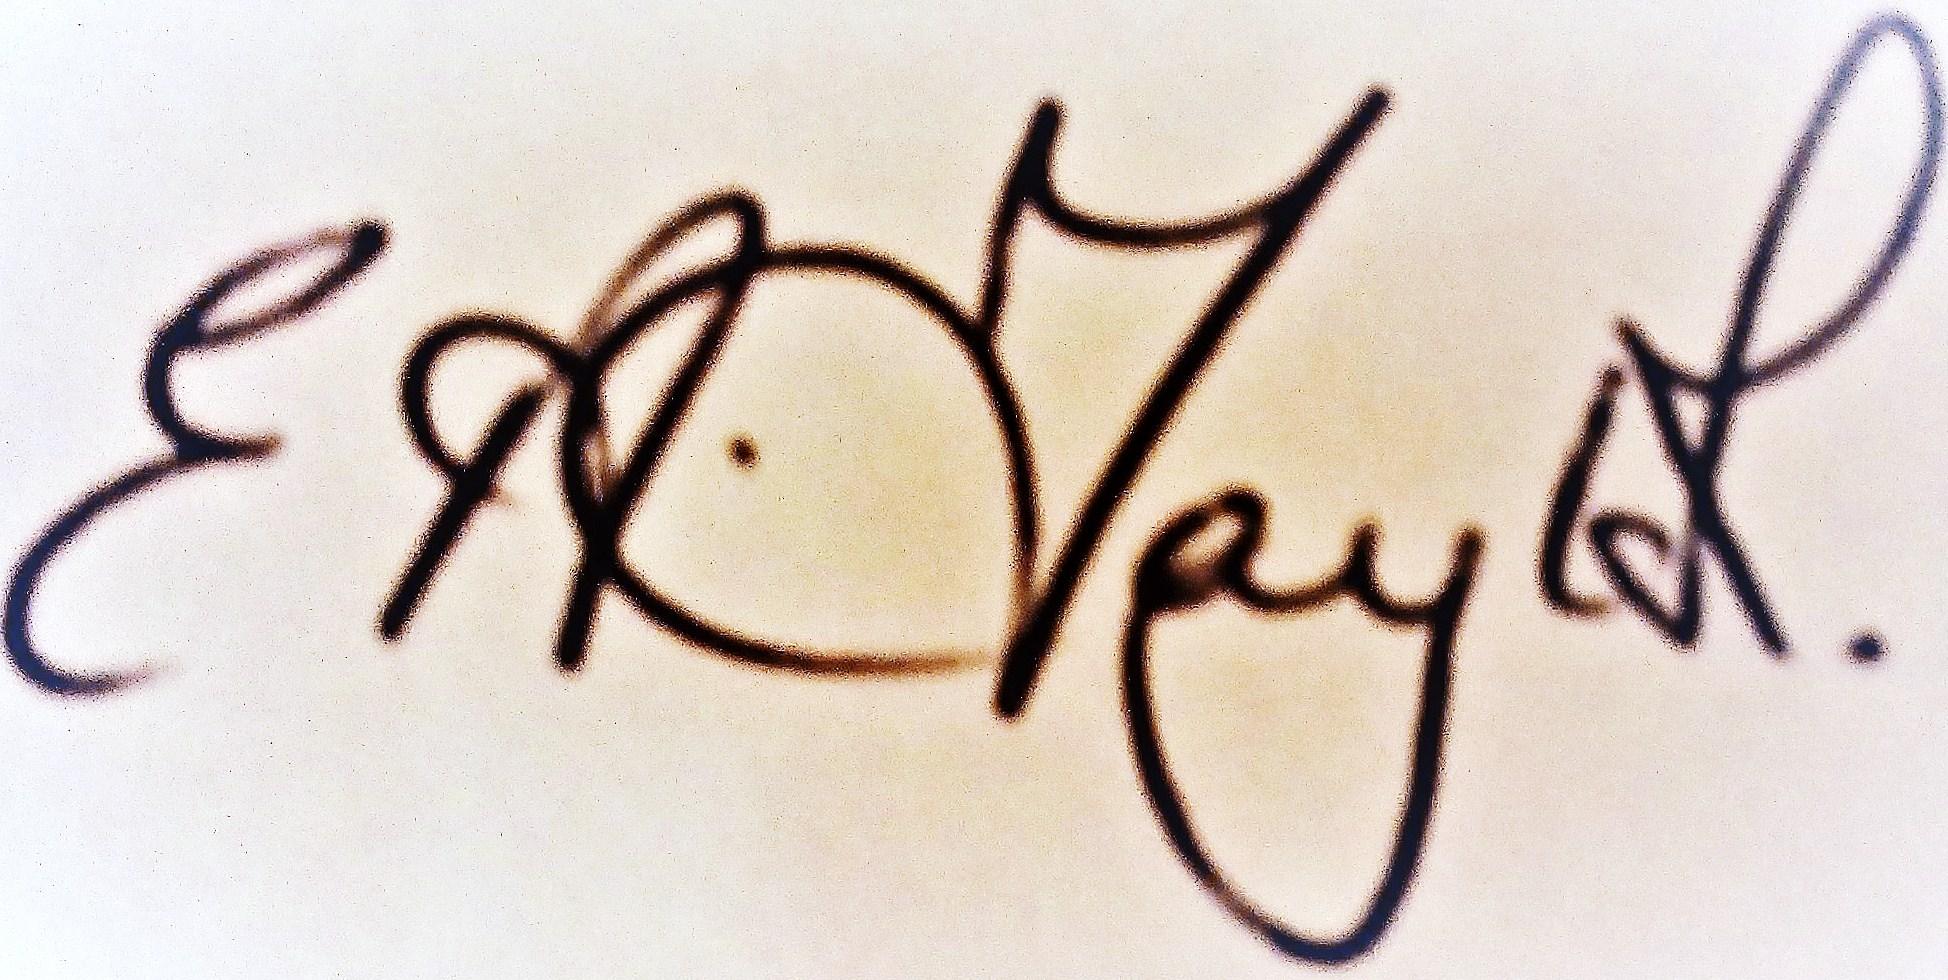 Liz fITZGERALD-TAYLOR Signature